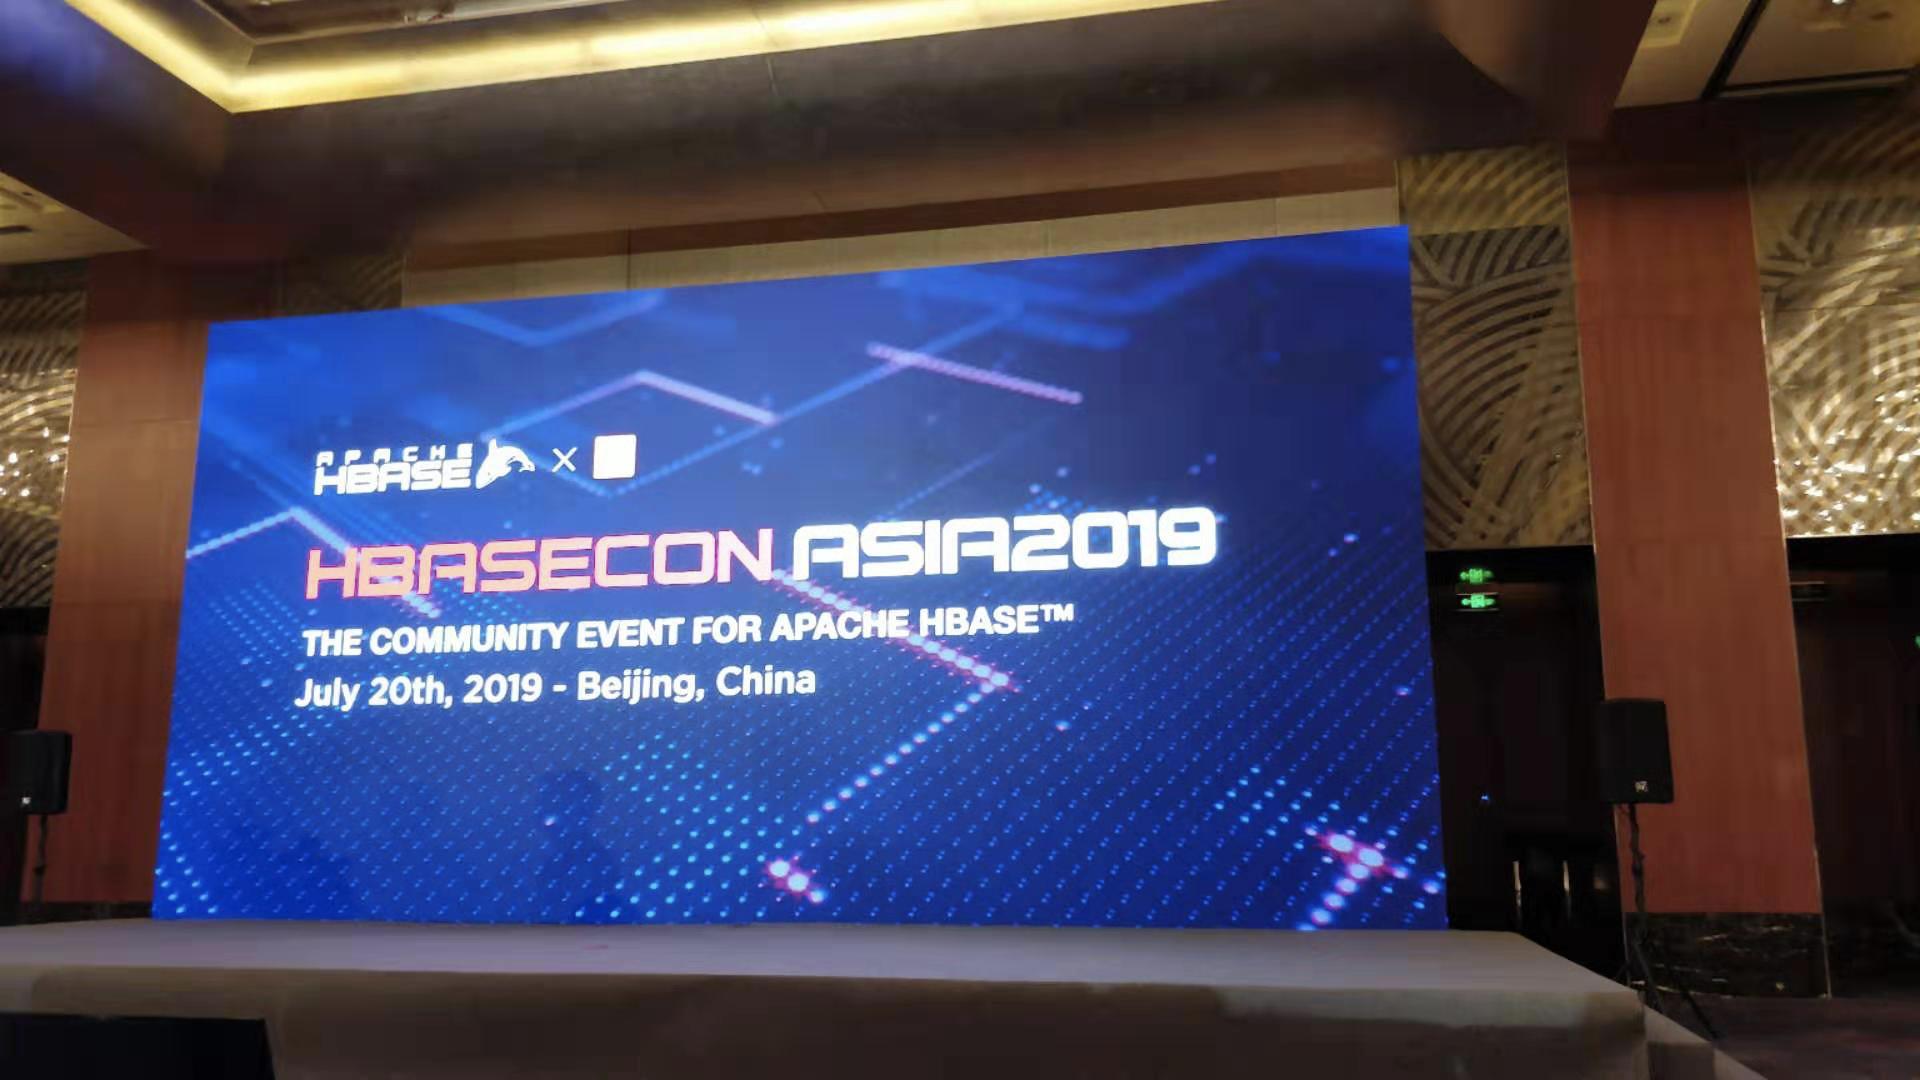 由小米主办的第三届HBaseCon亚洲峰会在京召开